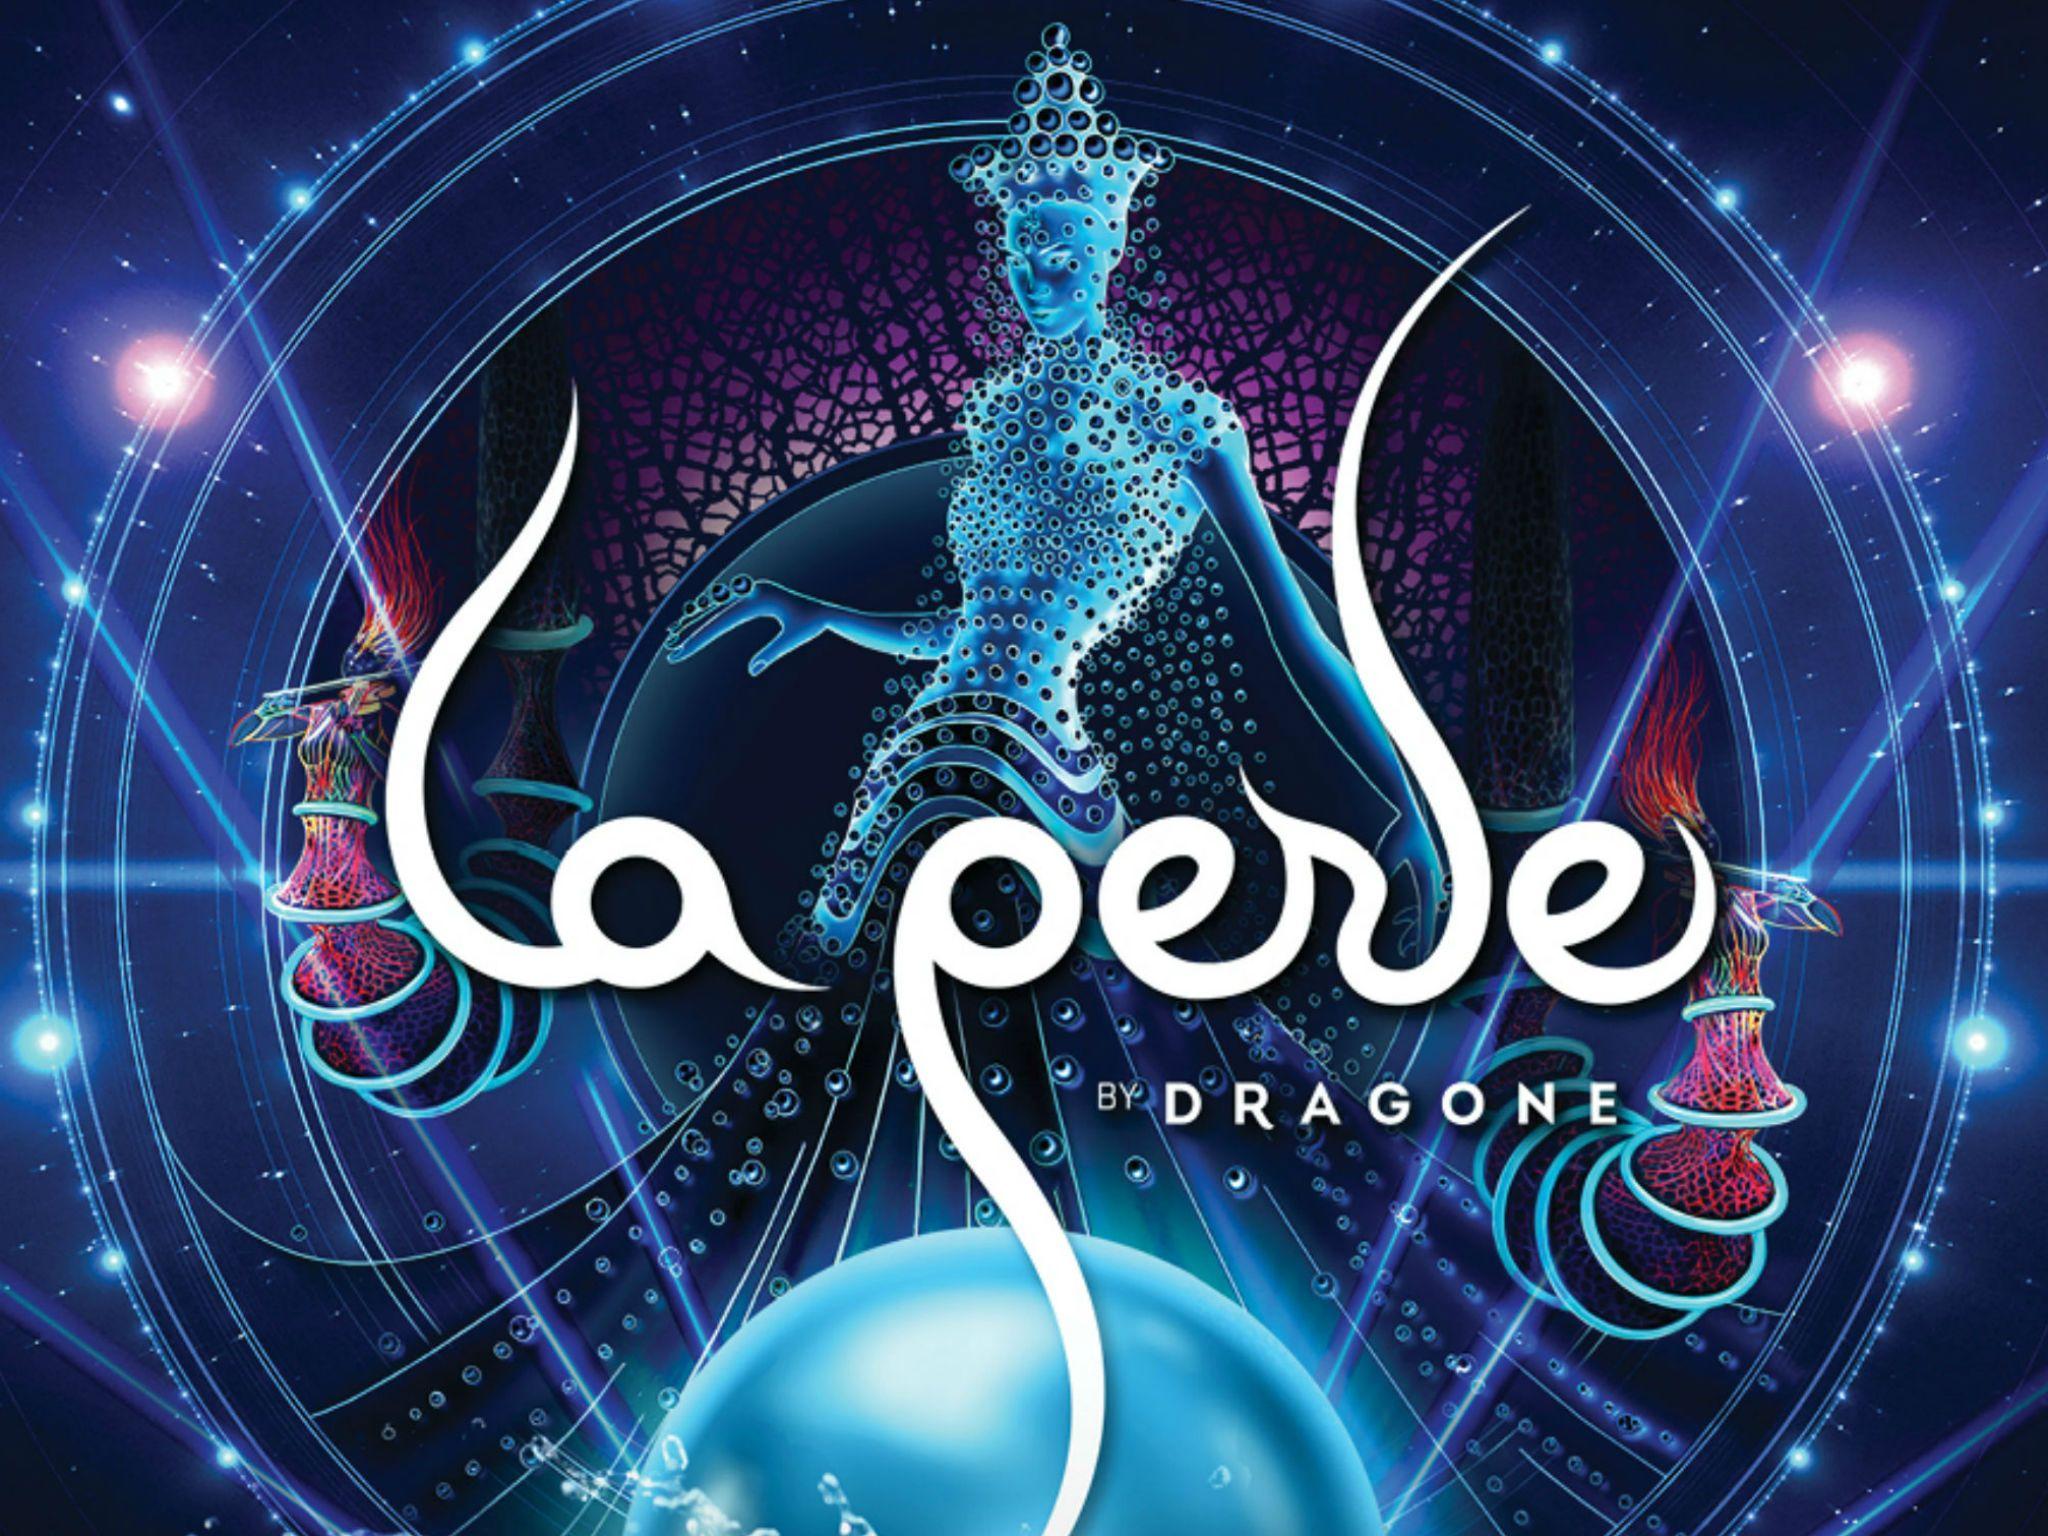 book-la-perle-by-dragone-best-offers-in-dubai